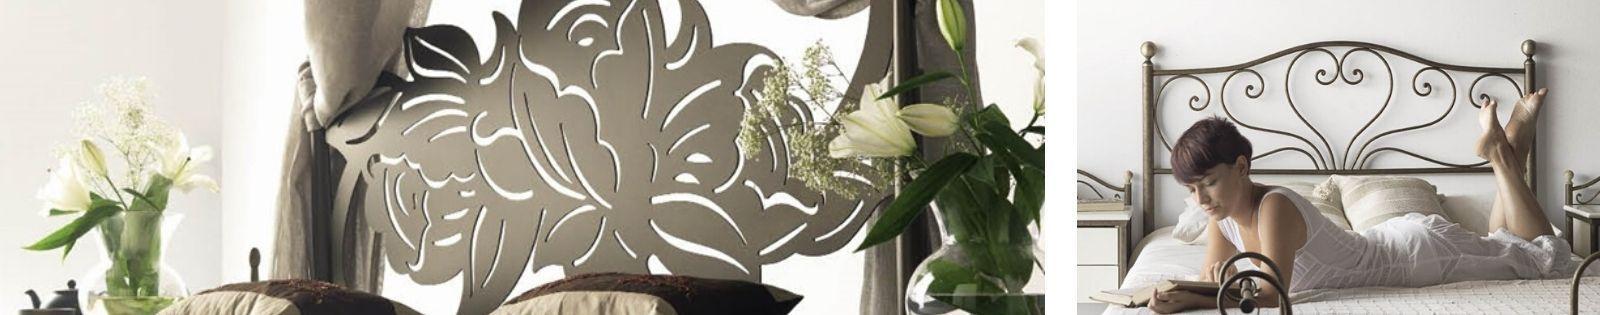 Tête de lit en fer forgé : haut de gamme de fabrication espagnole.